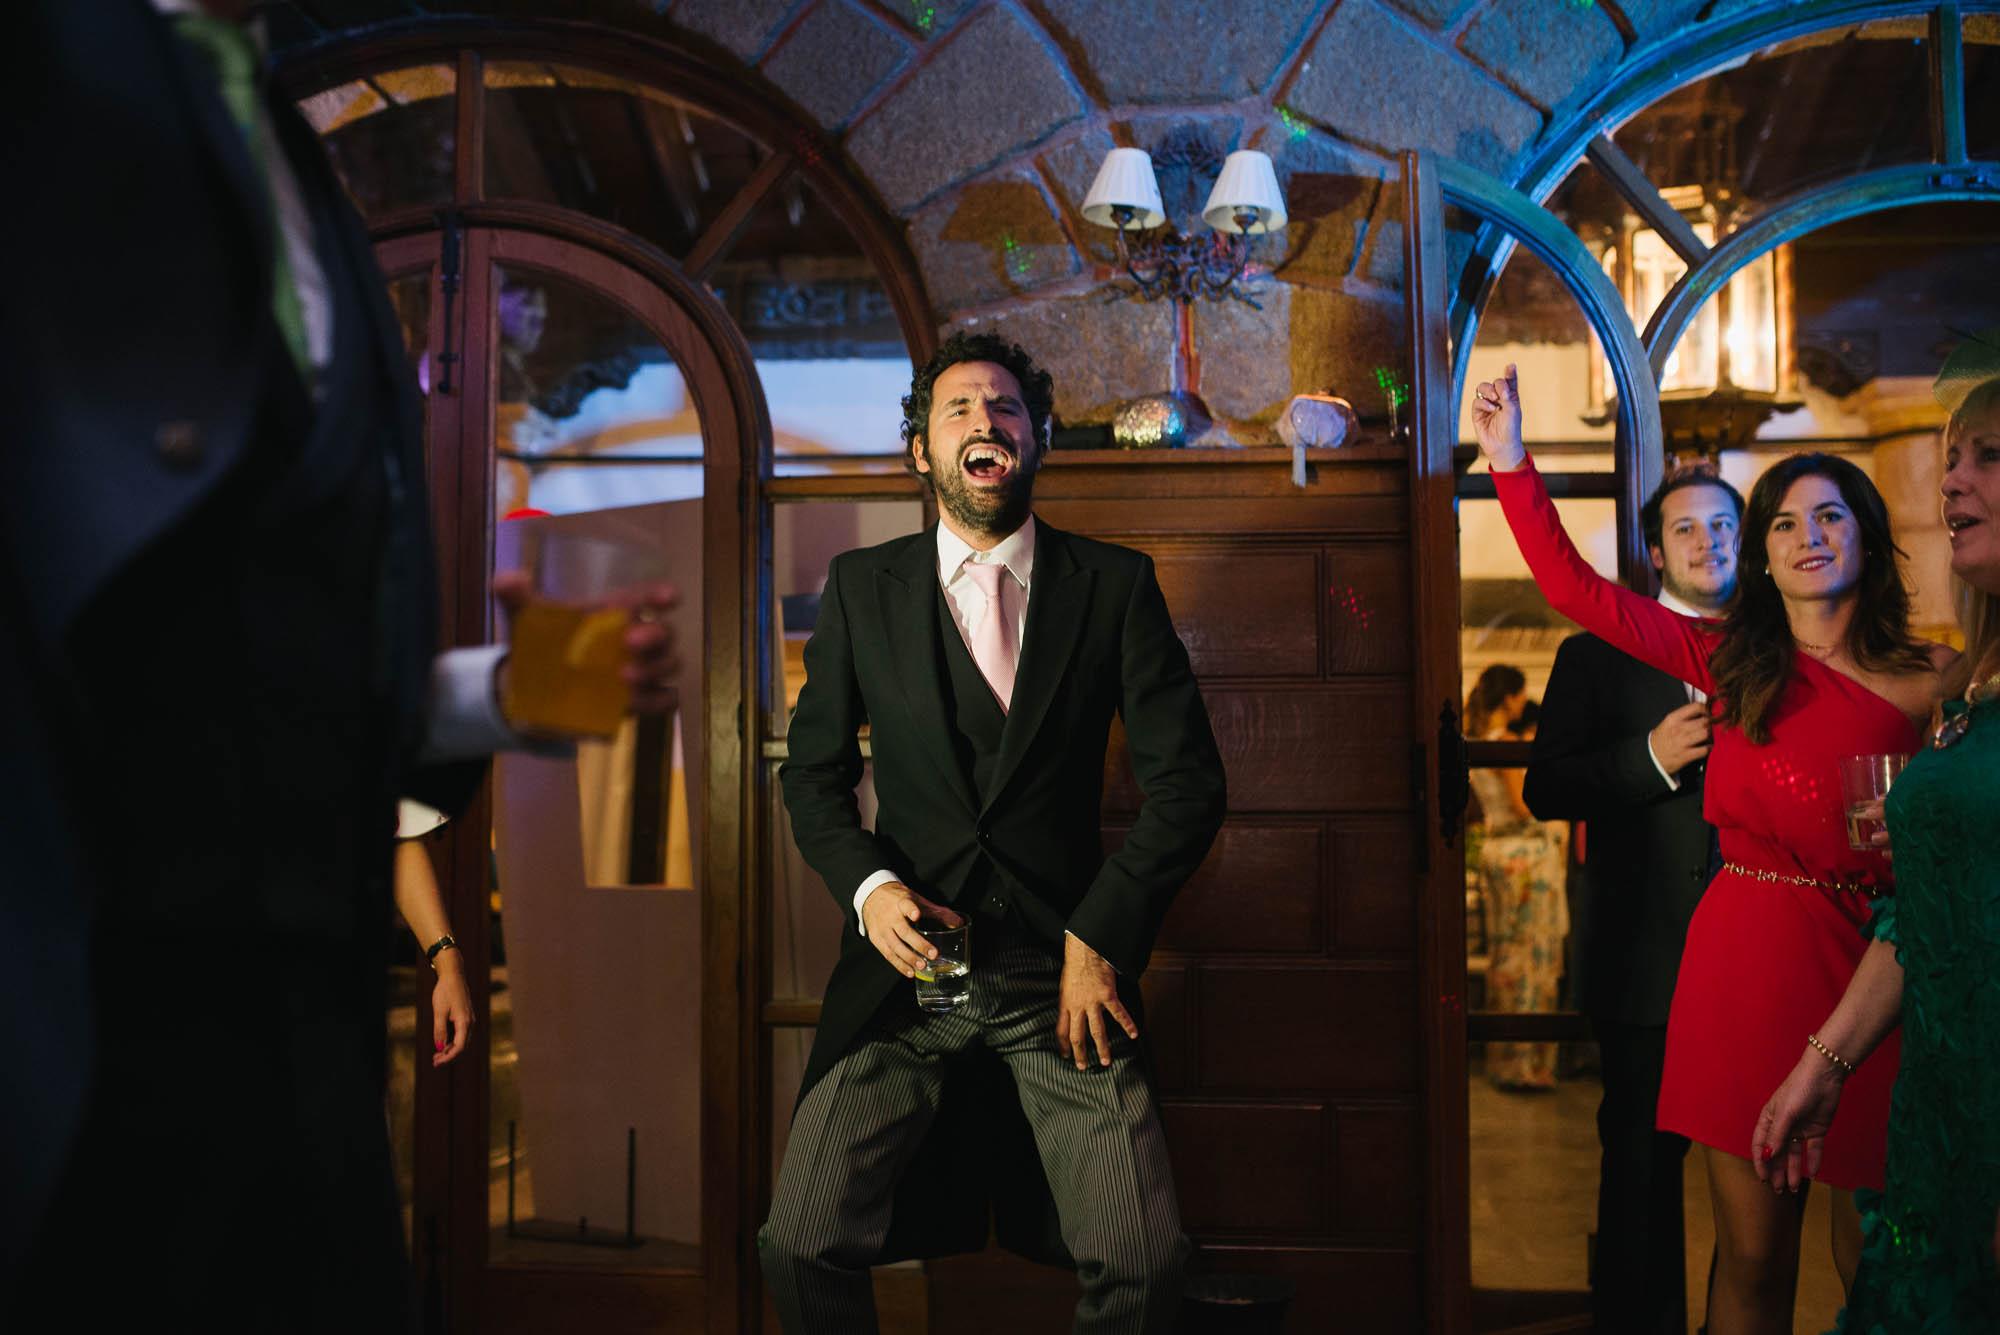 El invitado baila durante la fiesta de la boda